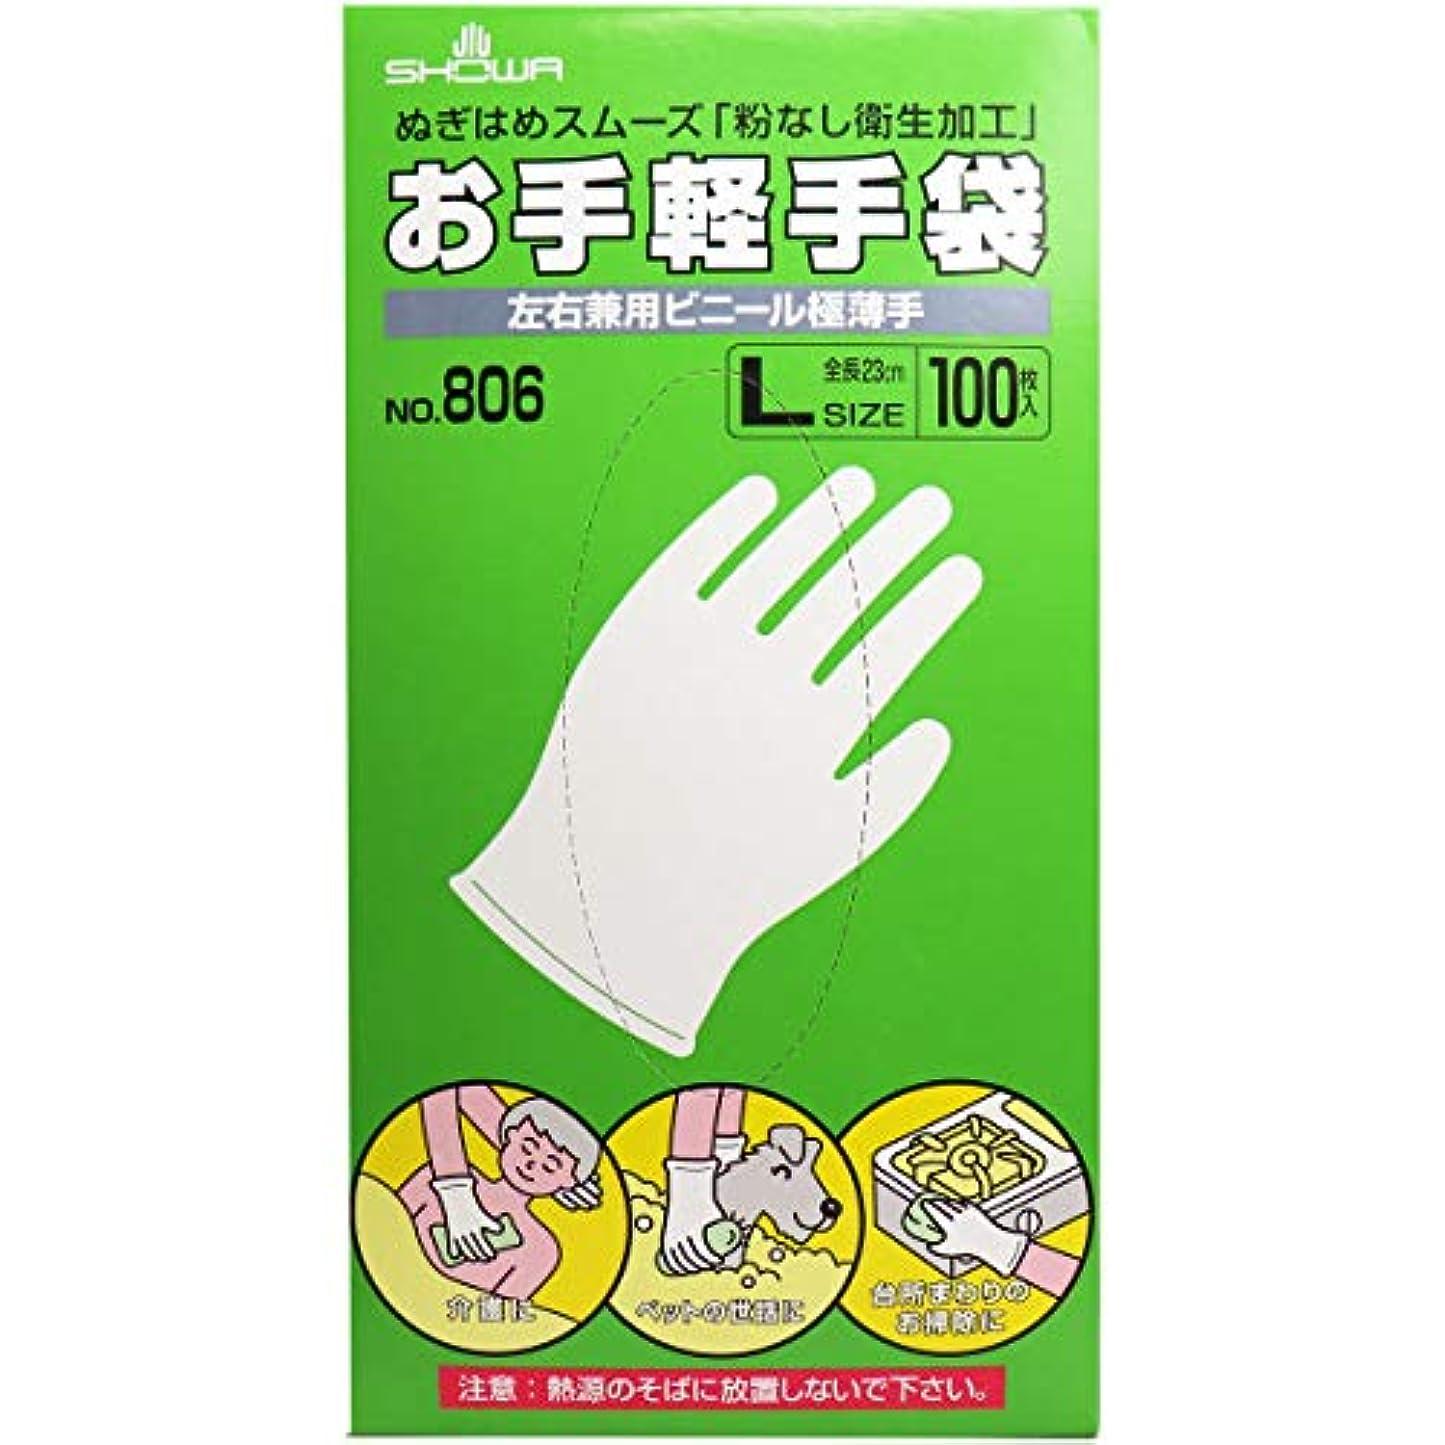 競争モットー国勢調査お手軽手袋 No.806 左右兼用ビニール極薄手 粉なし Lサイズ 100枚入×2個セット